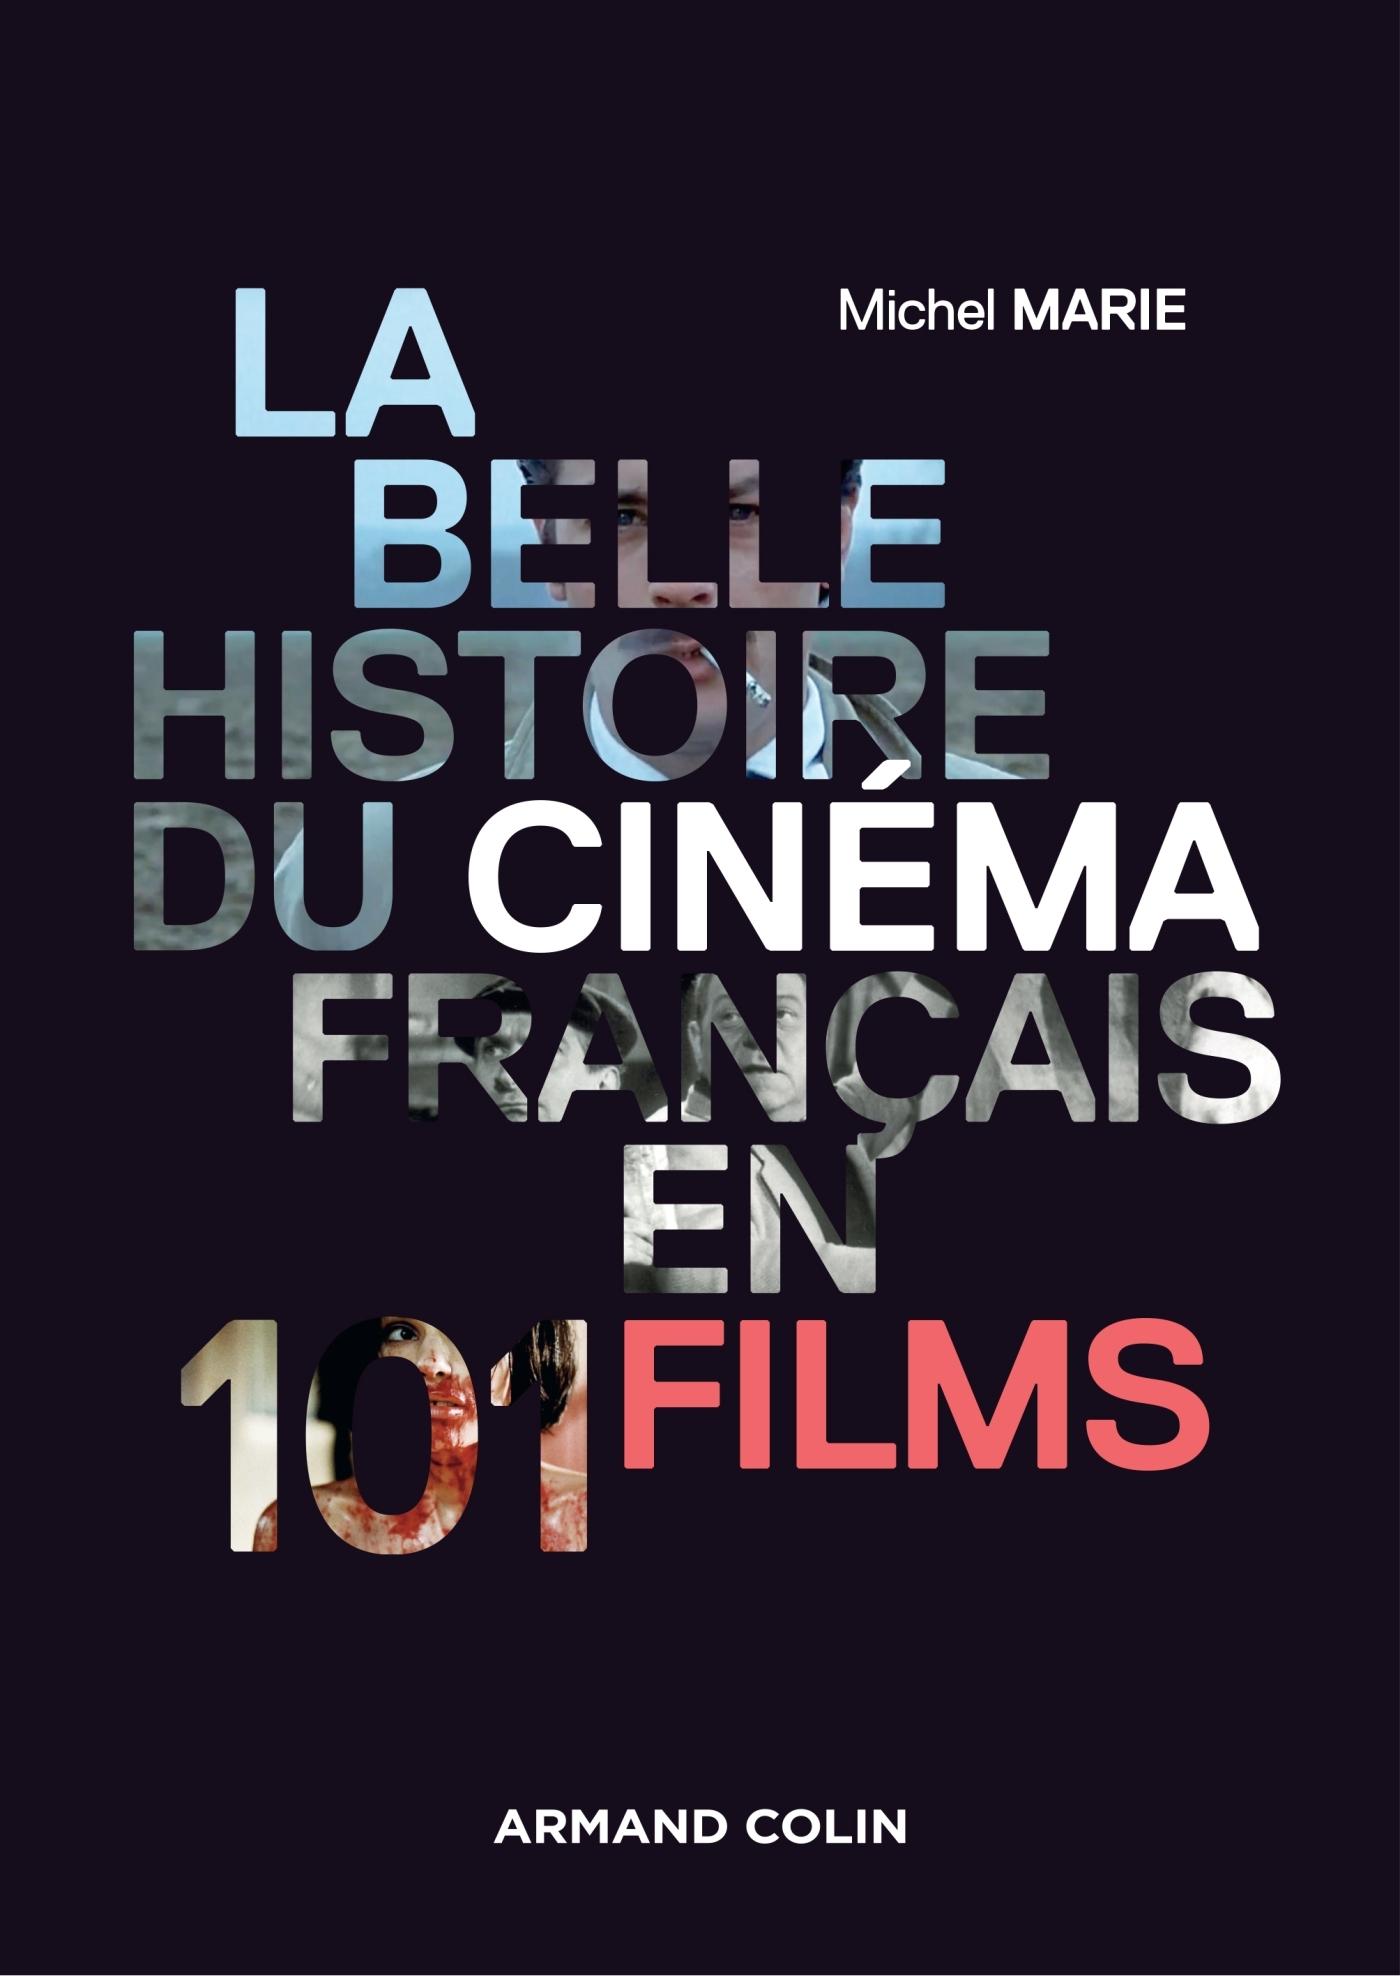 LA BELLE HISTOIRE DU CINEMA FRANCAIS EN 101 FILMS